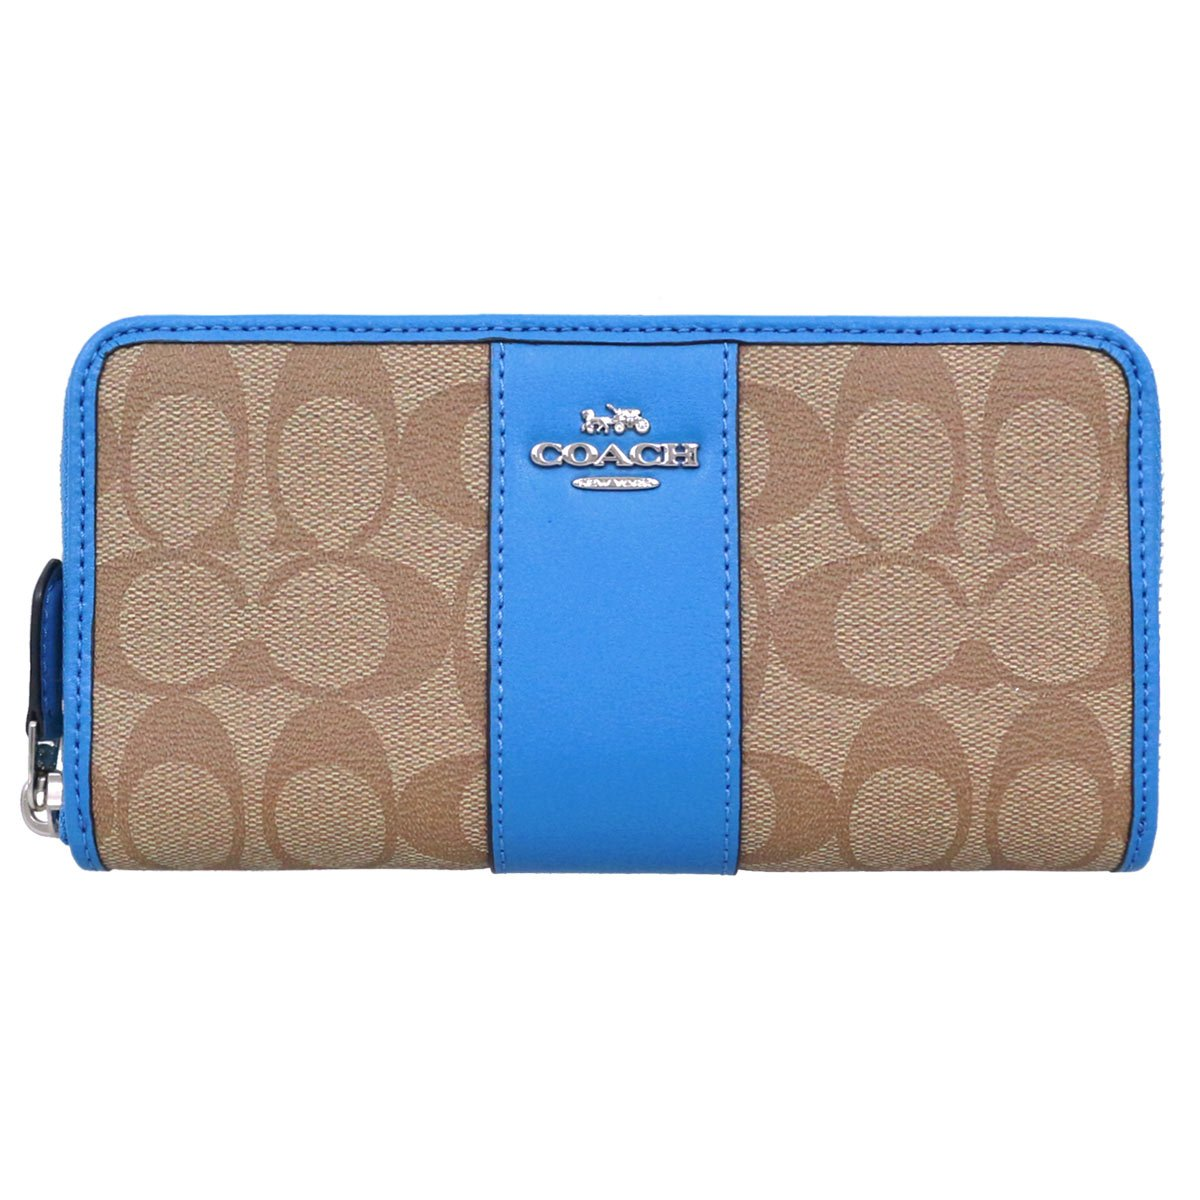 [コーチ] COACH 財布 (長財布) F54630 シグネチャー 長財布 レディース [アウトレット品] [並行輸入品] B07FXY4X87 #20 カーキ×ブライトブルー #20 カーキ×ブライトブルー